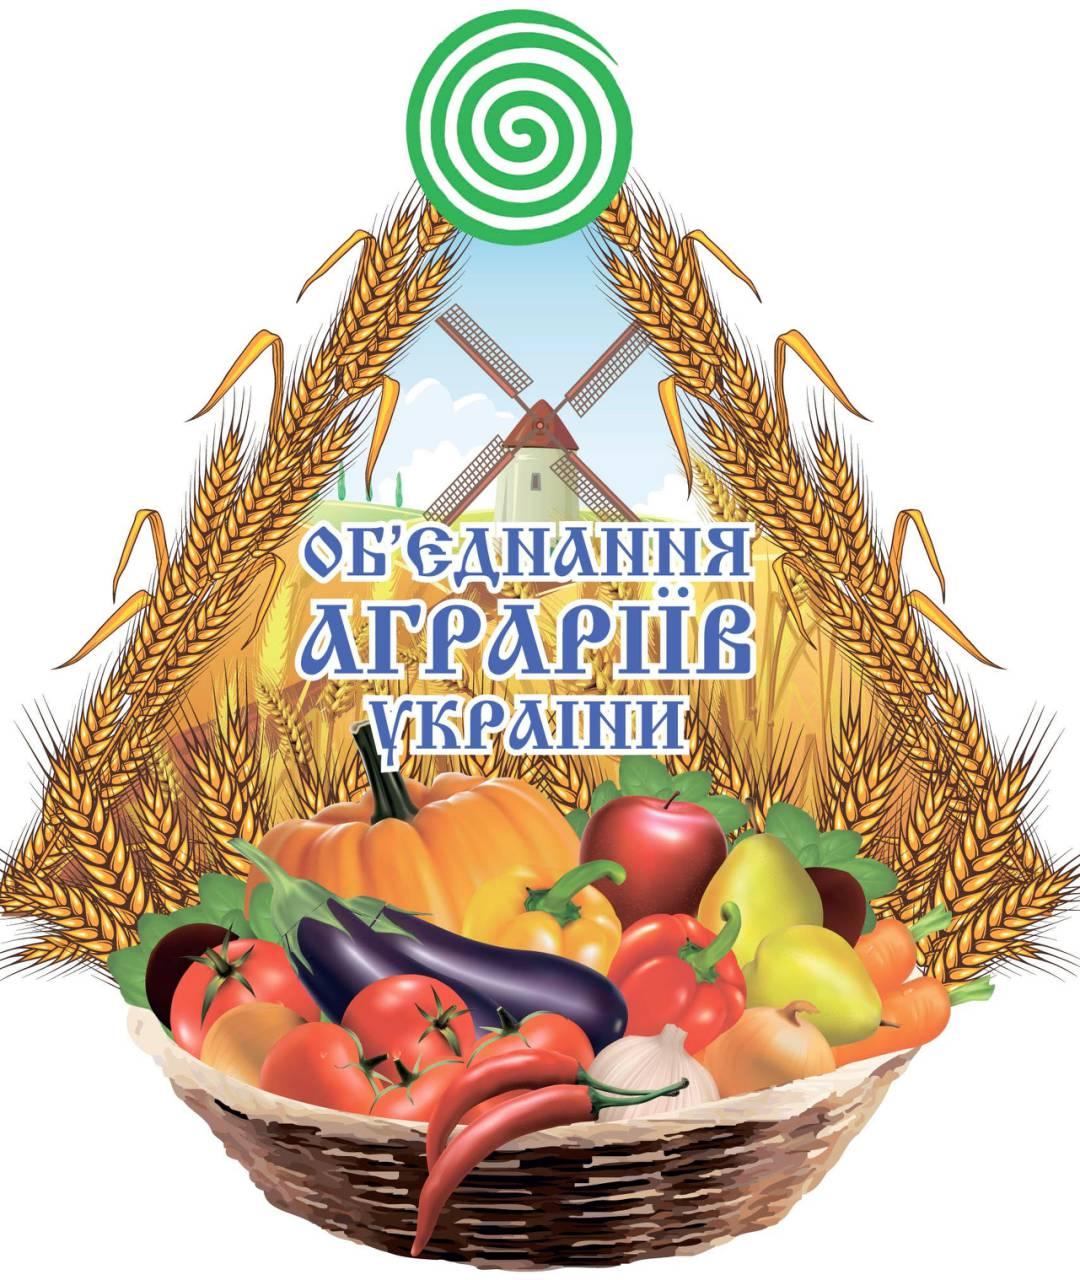 Об'єднання Аграріїв України